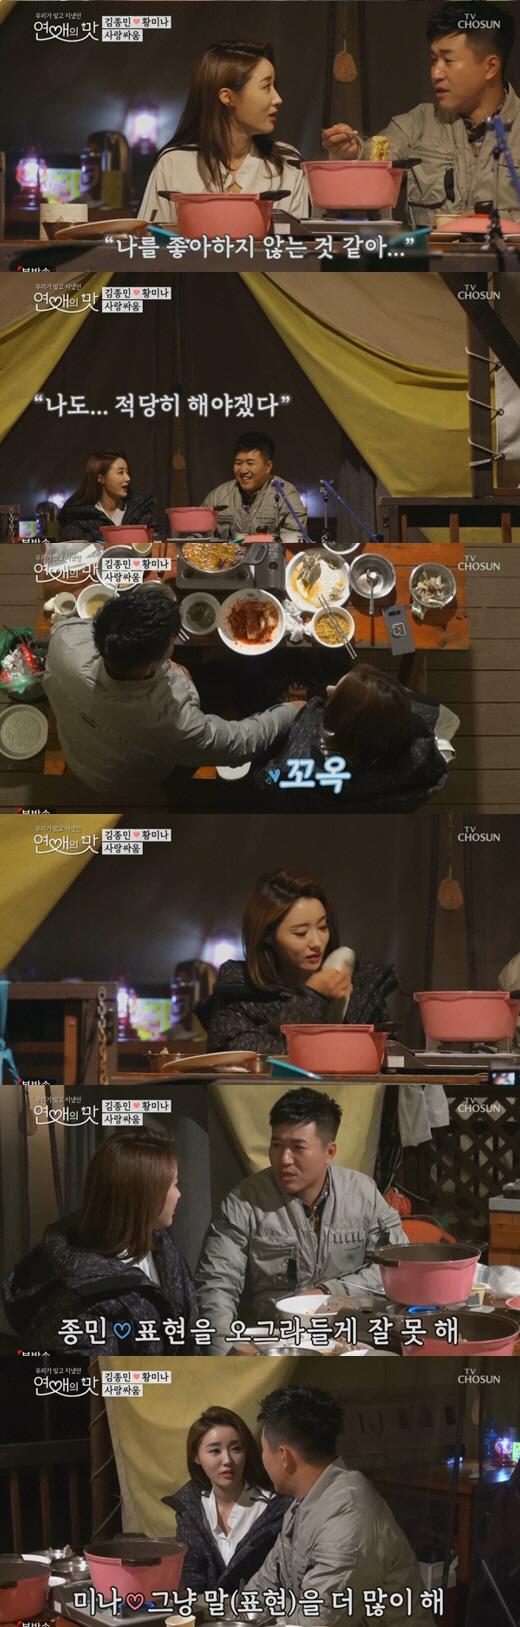 """[SC이슈] """"♥서툰 김종민""""…'연애의맛' 시청률 4.1% 자체최고 기록"""